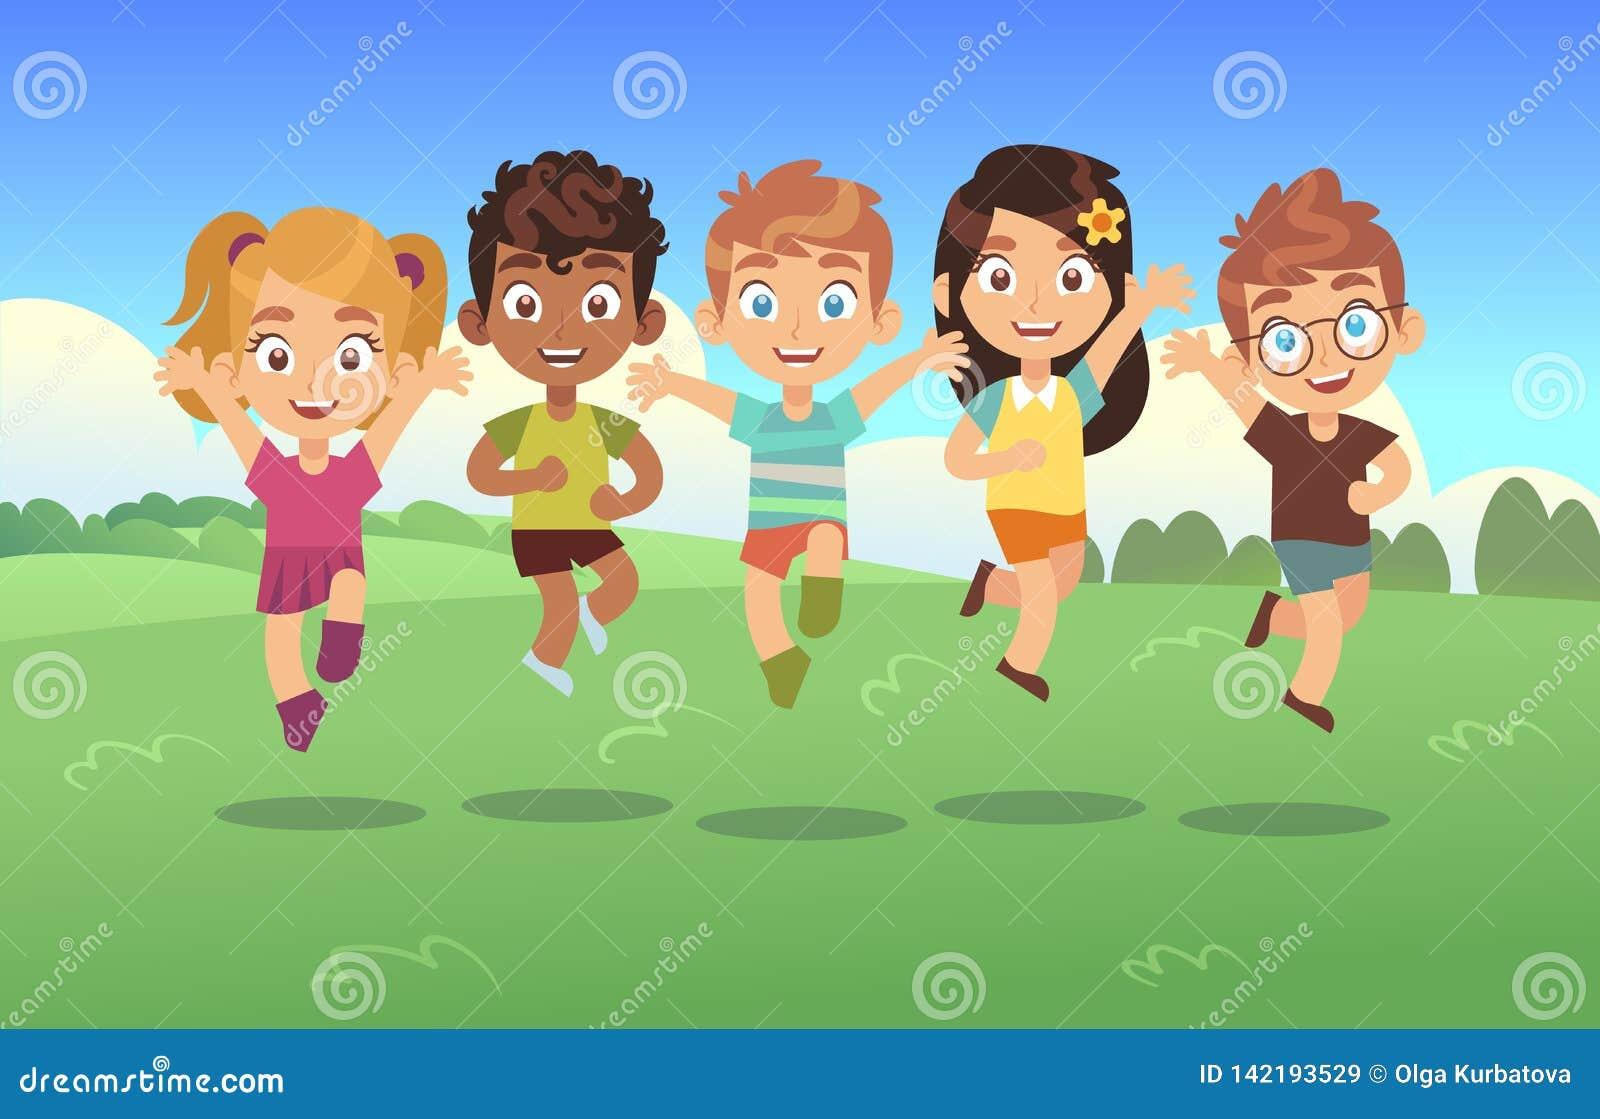 Ευτυχή κατσίκια άλματος Υπόβαθρο άλματος εφήβων πάρκων θερινών λιβαδιών των παιδιών πανοράματος κινούμενων σχεδίων διακοπών παιδι